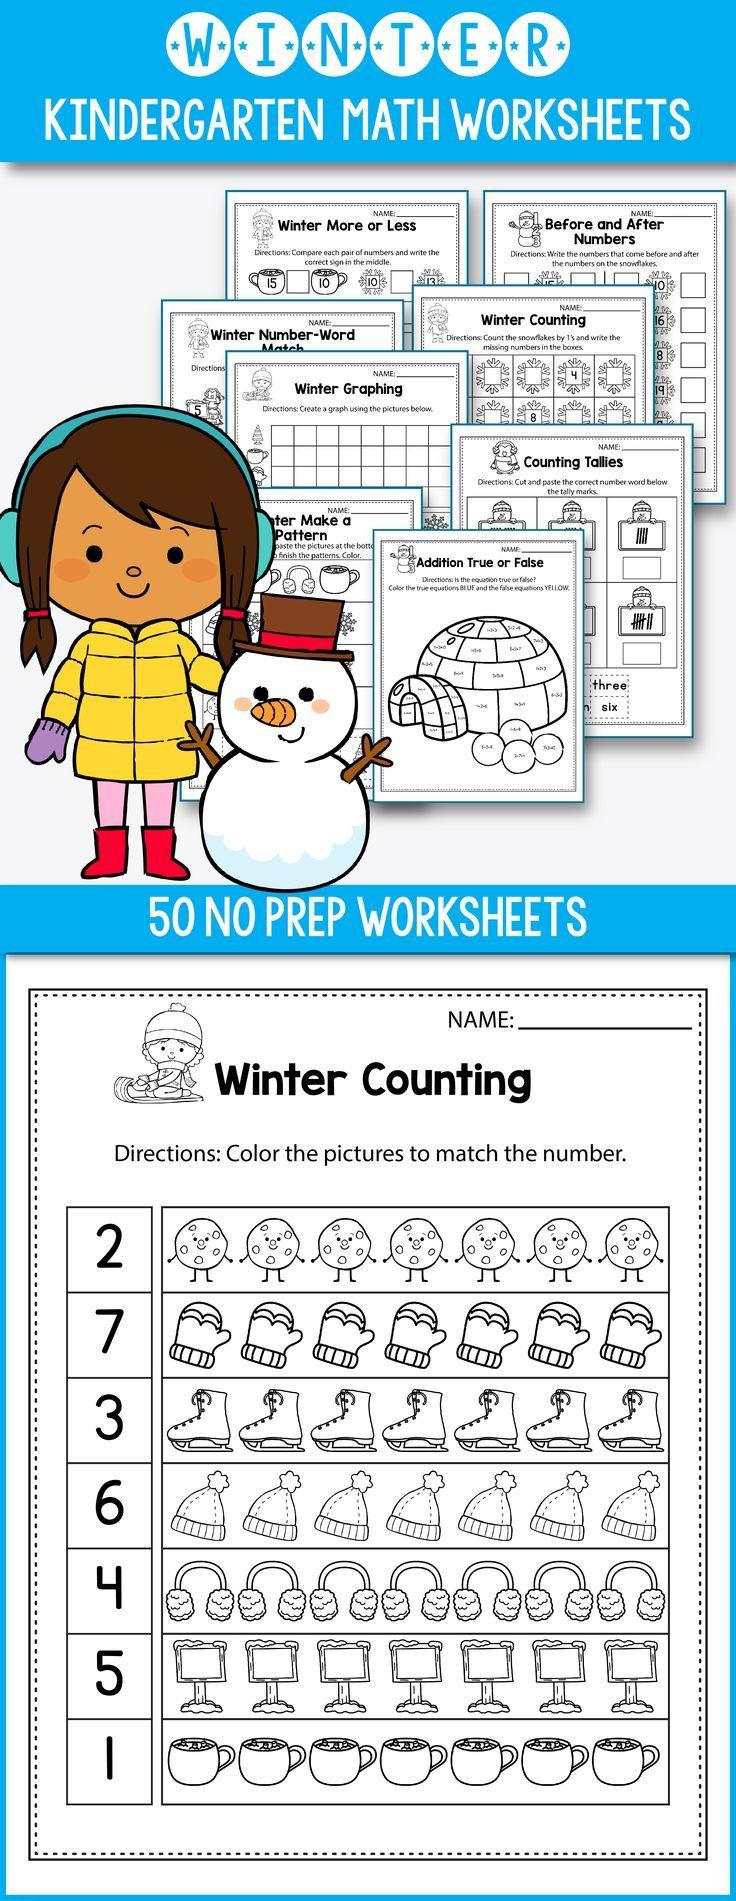 Winter Activities For Kindergarten Math No Prep Winter Worksheets Perfect For Preschool K Kindergarten Activities Kindergarten Resources Kindergarten Math [ 1901 x 736 Pixel ]